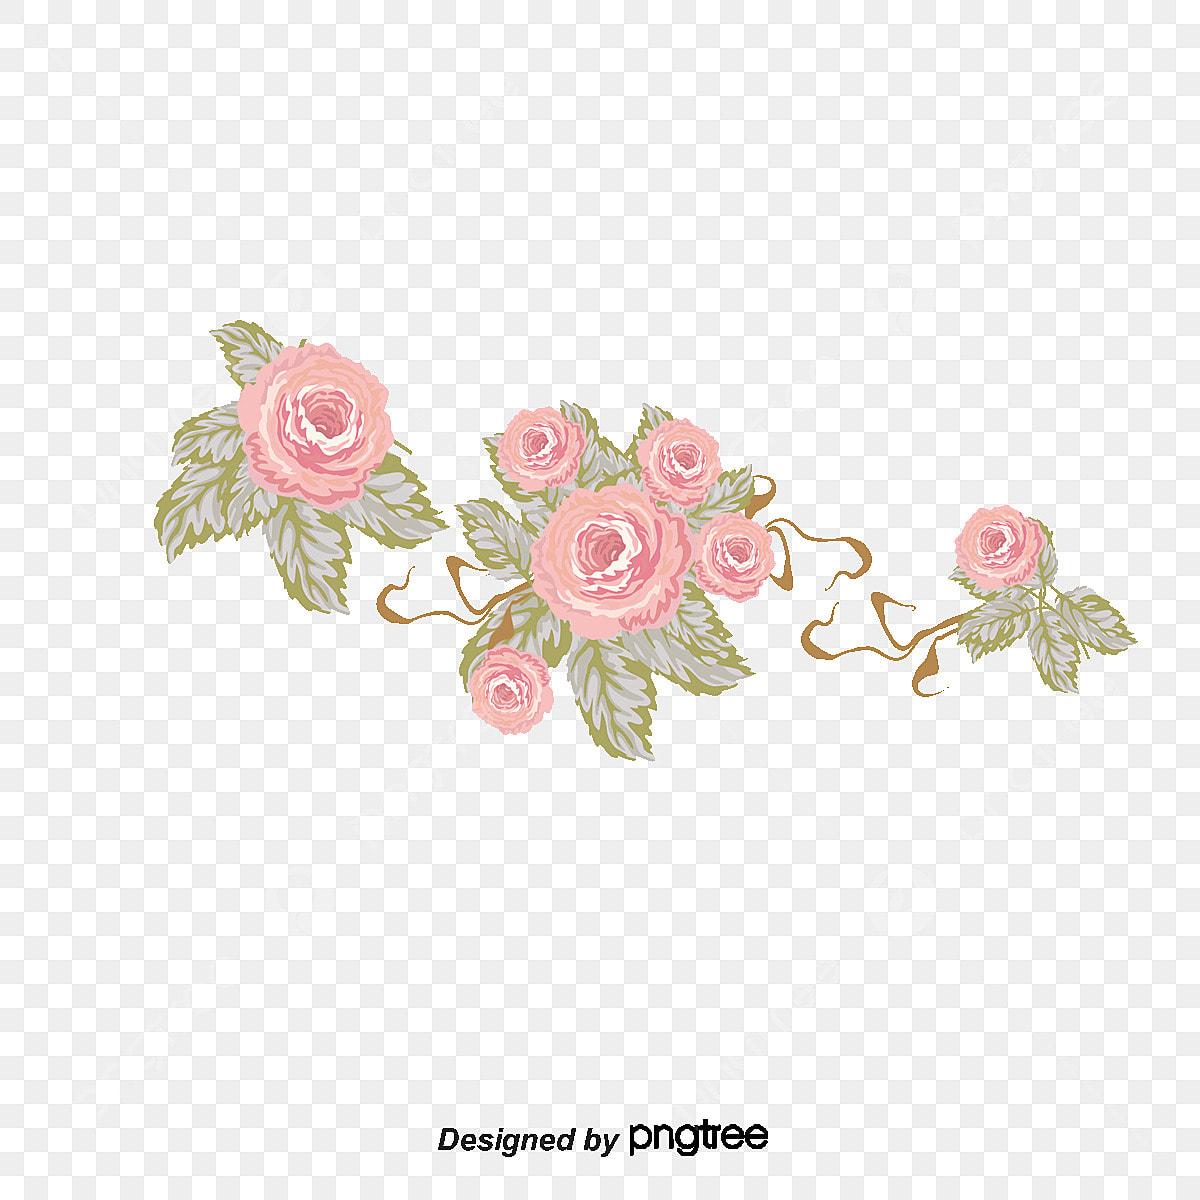 خلفيات ورود جميلة وردة البحر جميل ناقلات روز سه ناقلات المواد الورود البحر Png وملف Psd للتحميل مجانا